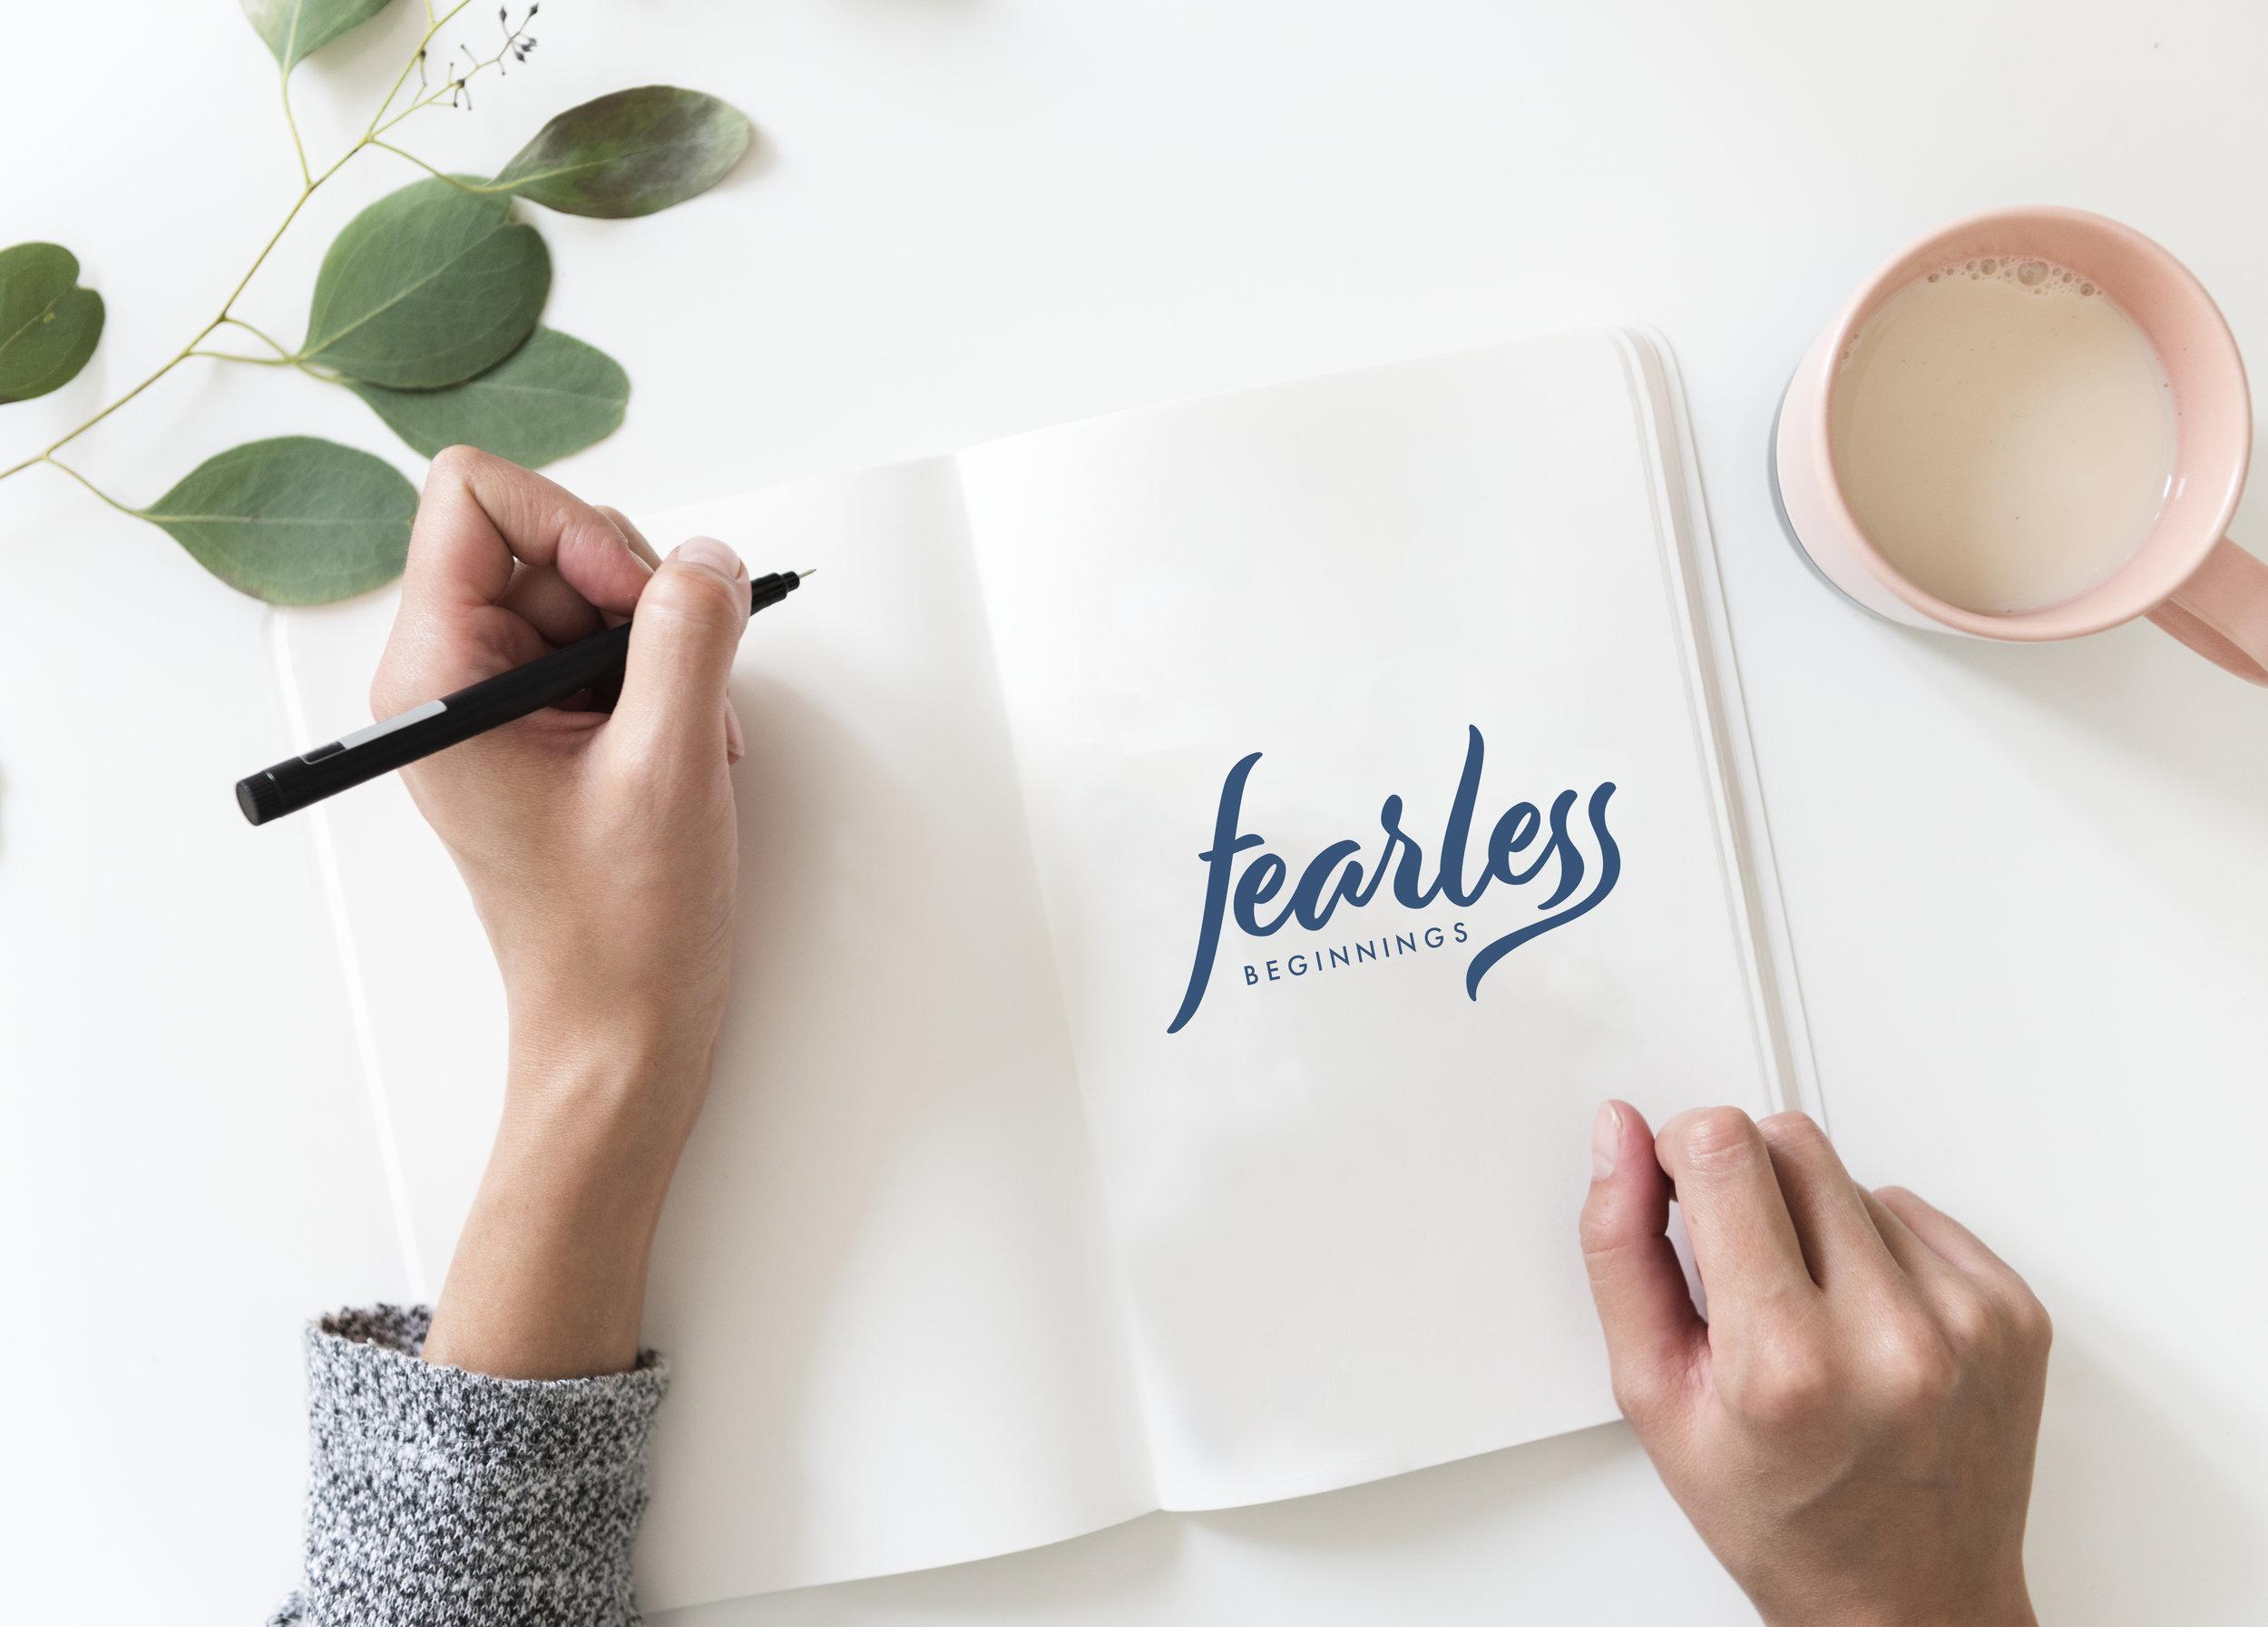 book_mockup_fearless_beginnings.jpg